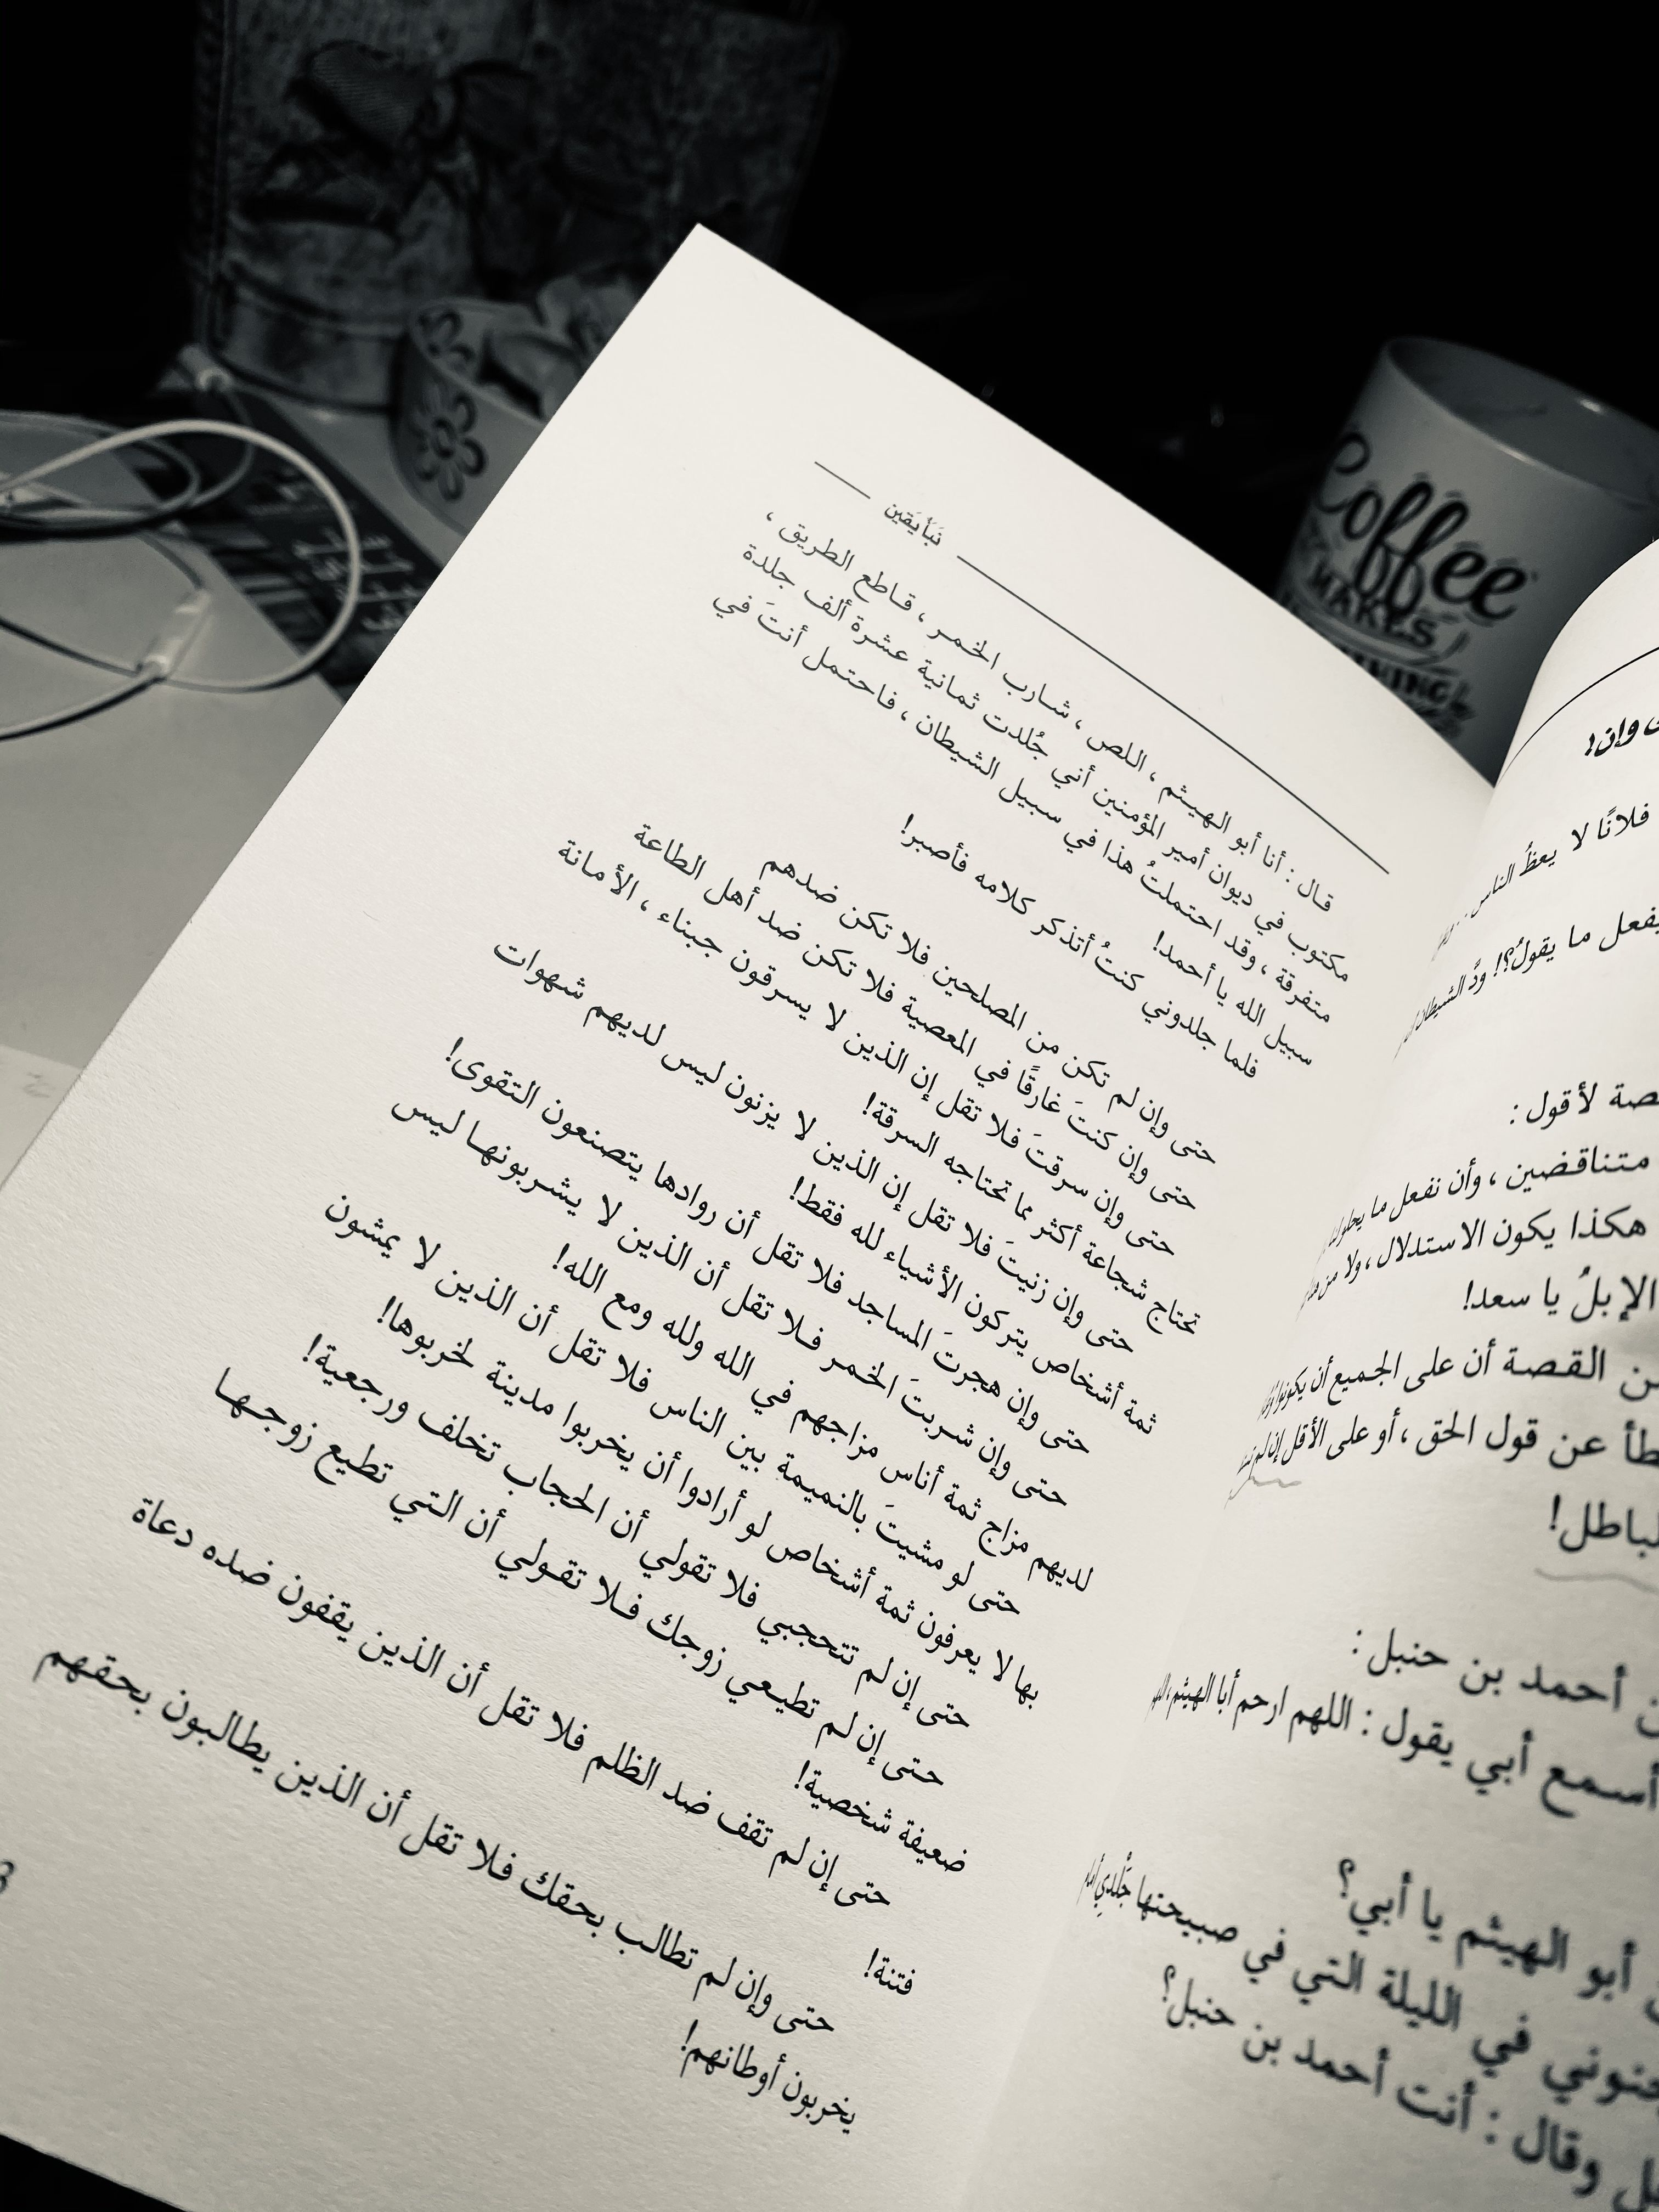 Pin By Nada Ayed ندى On إقتباسات كتب Quotes Bullet Journal Sheet Music